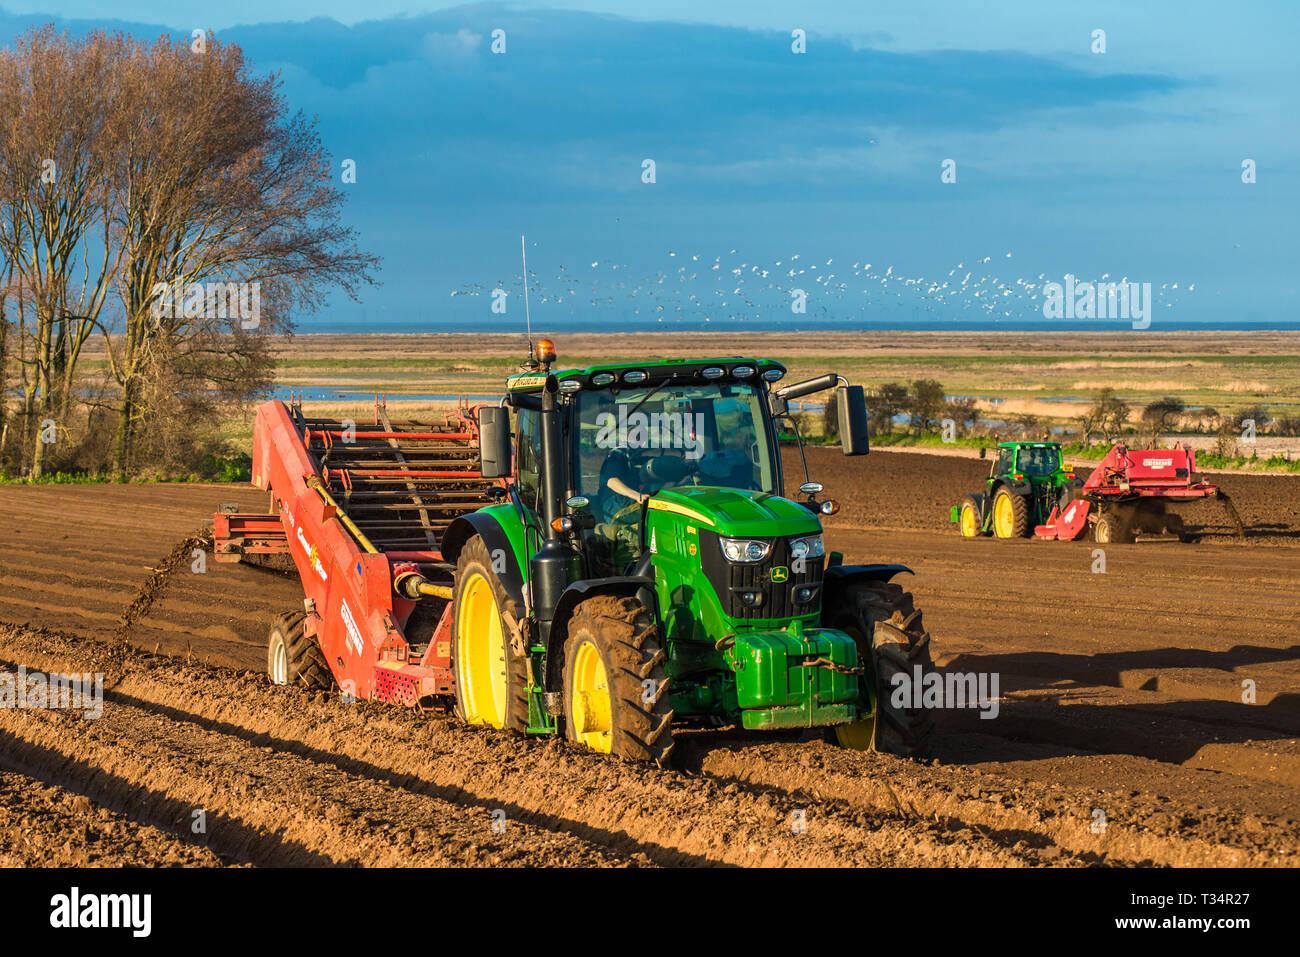 Traktoren, die tiefes Bett Gestaltung durch Aussaat die Felder in den frühen Quellen Zeit in Burnham Overy in Nord Norfolk, East Anglia, England, Großbritannien Stockfoto